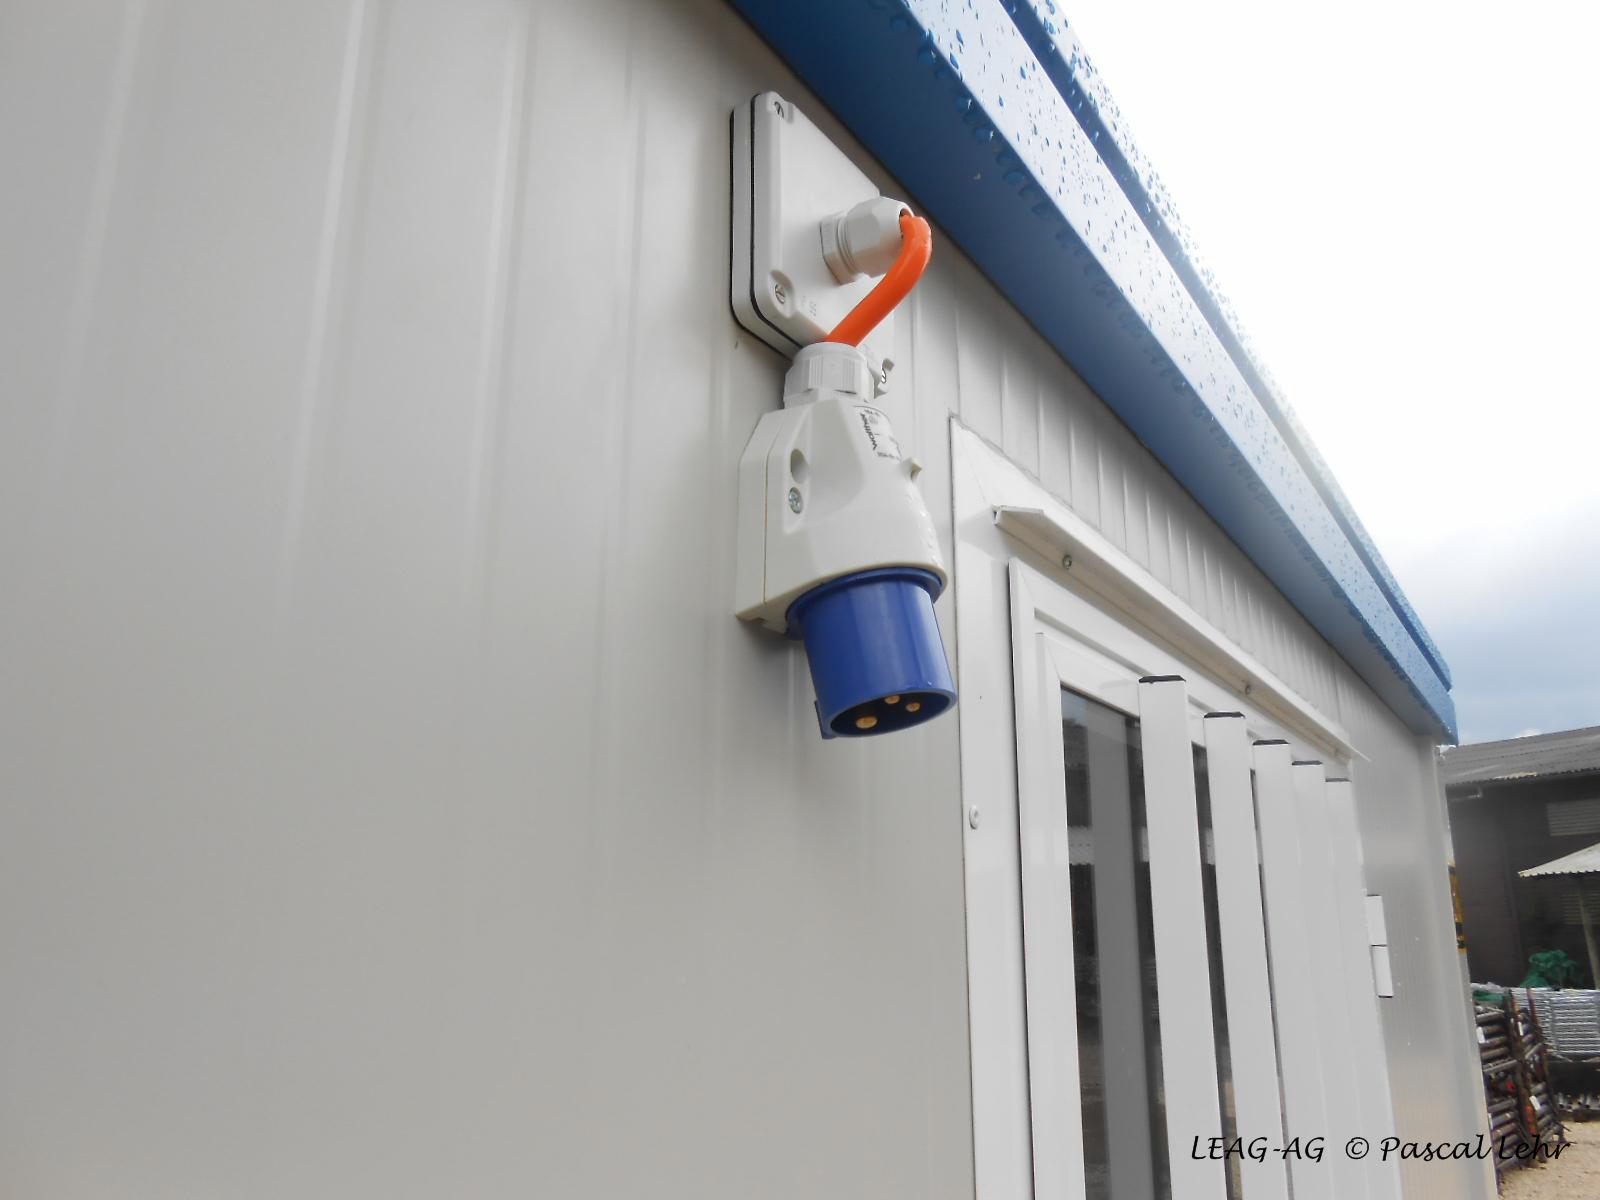 Leag Baumaterial Container Macon Edil Euganea Containex